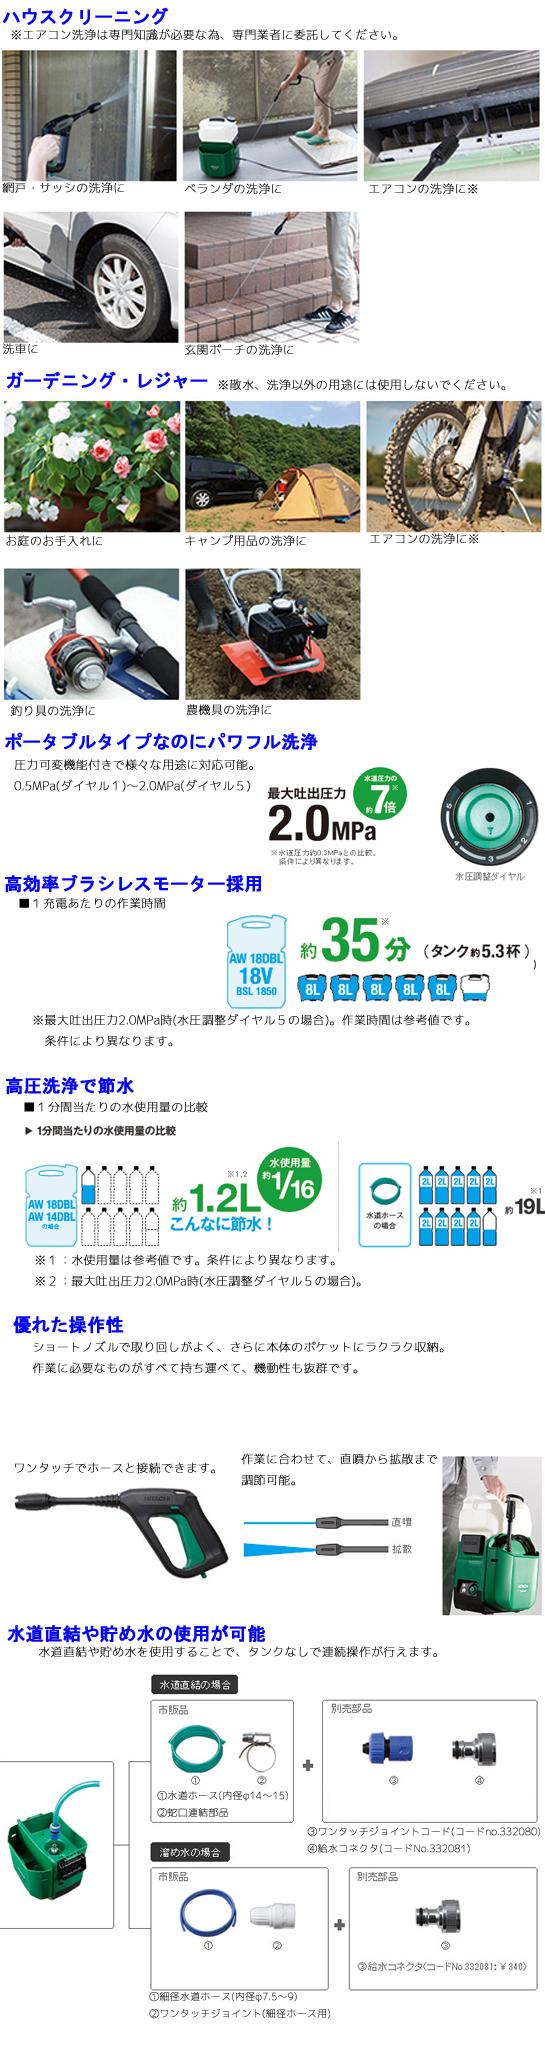 日立 18Vコードレス高圧洗浄機 AW18DBL